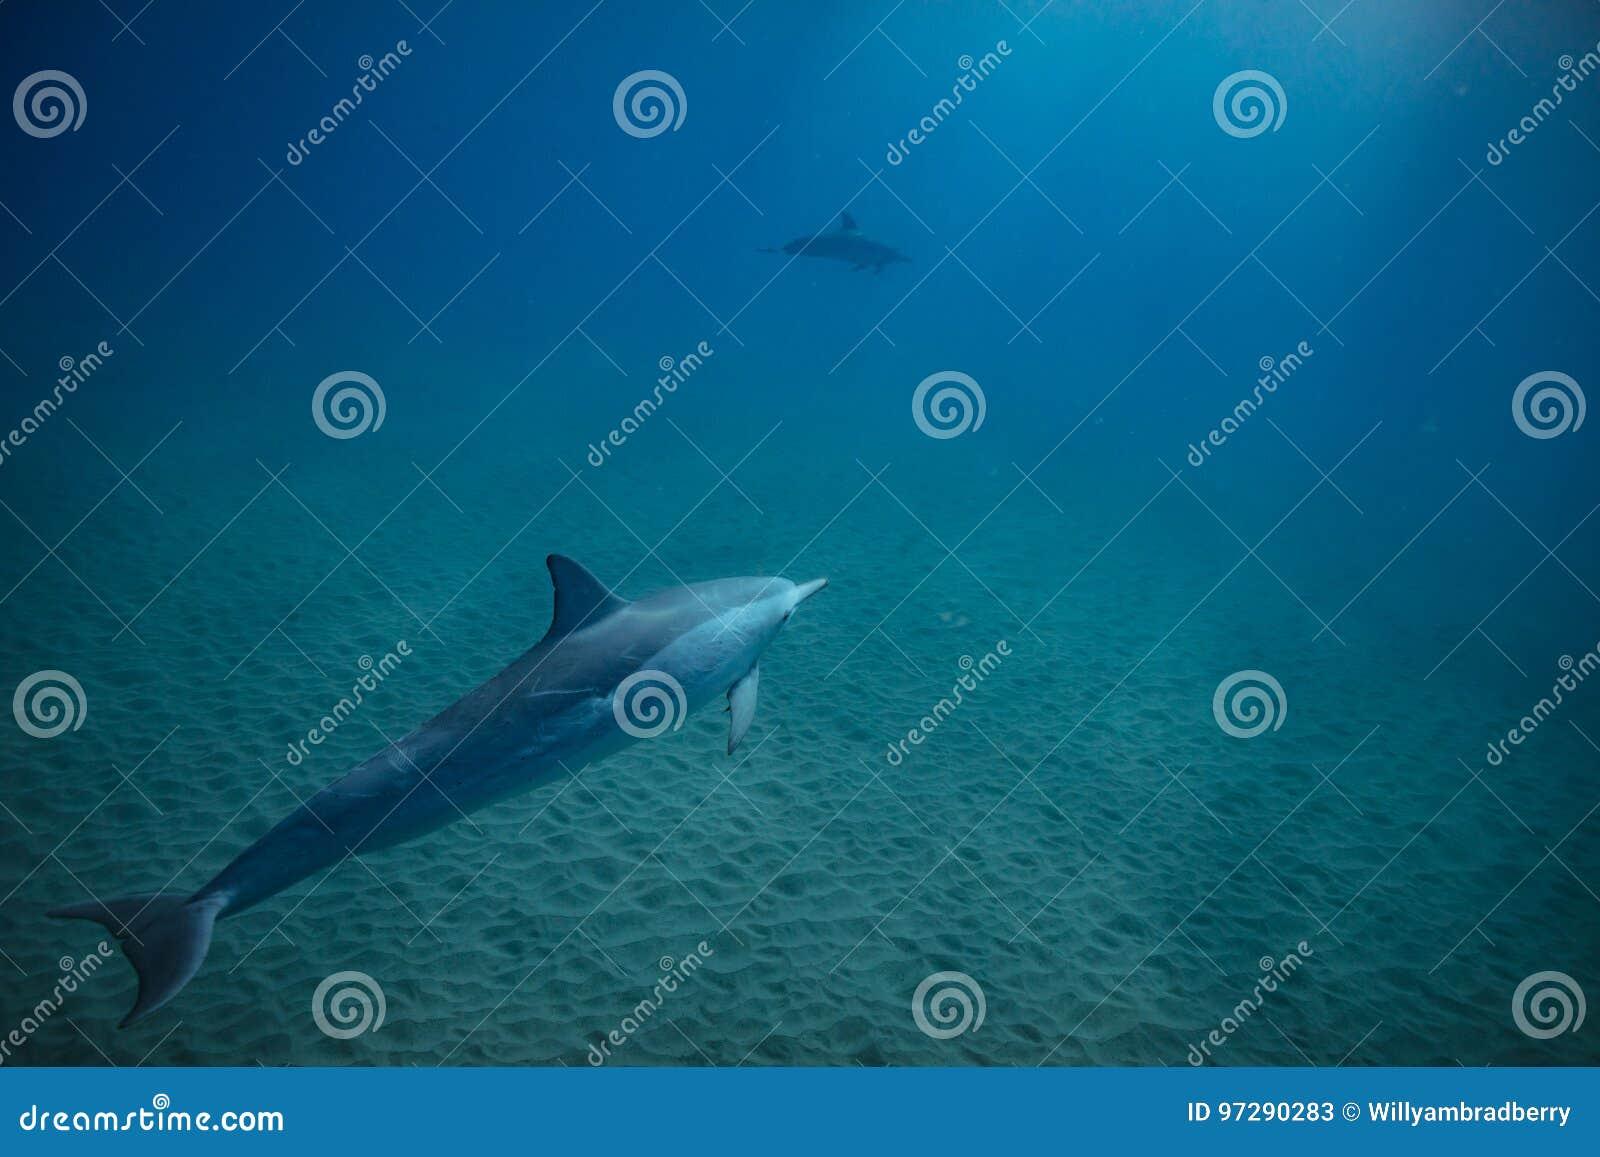 Zwei Delphine Unterwasser im Blau